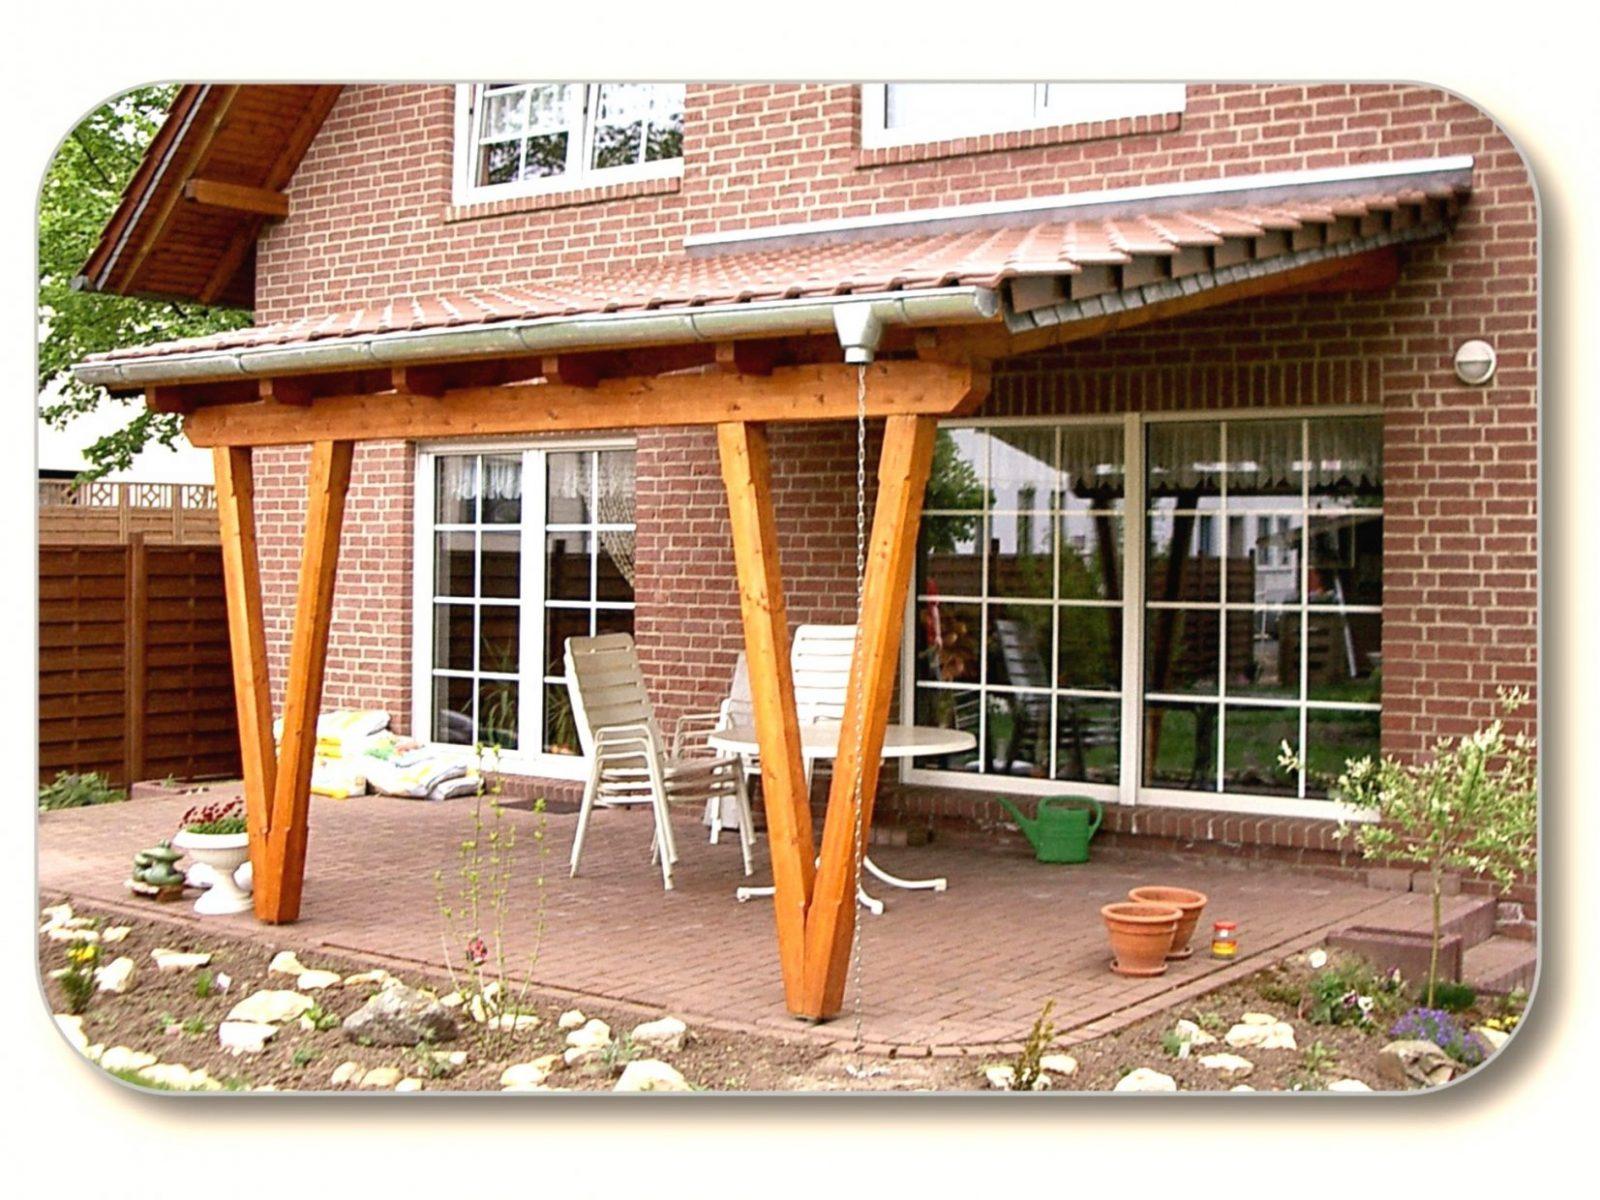 Terrassenuberdachung Aus Holz Selber Bauen Terrassenüberdachung Mit von Terrassenüberdachung Aus Holz Selber Bauen Bild